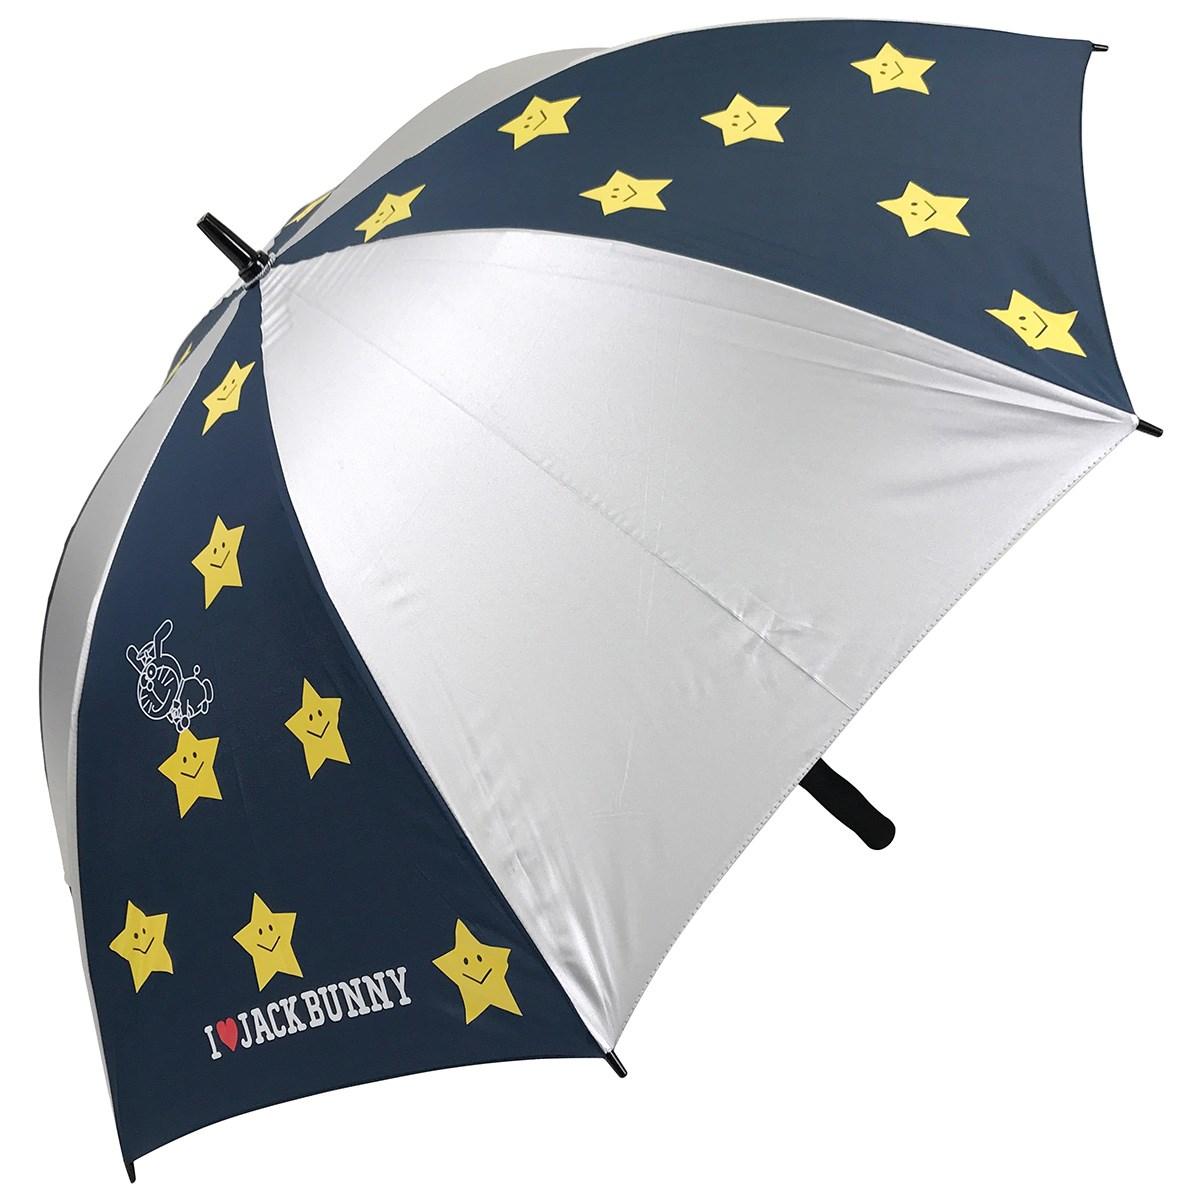 ジャックバニー バイ パーリーゲイツ ドラえもん UV傘